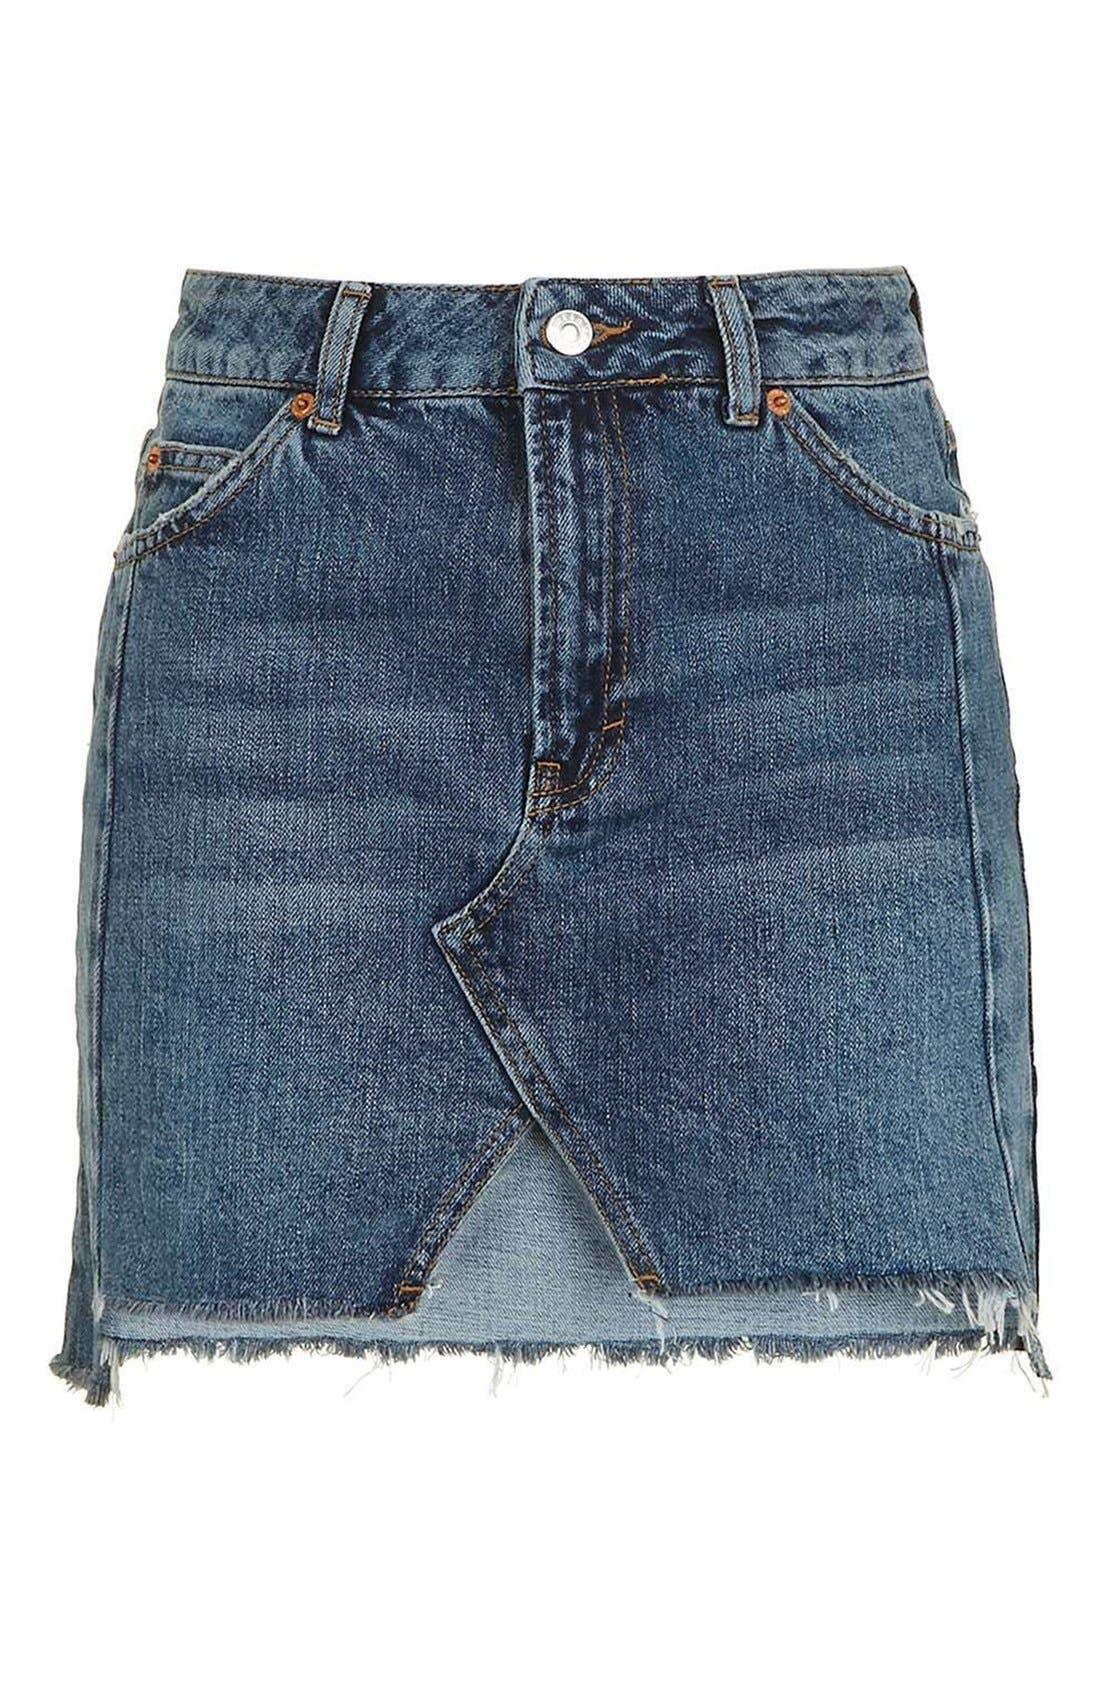 Moto Patchwork Denim Skirt,                             Alternate thumbnail 6, color,                             400